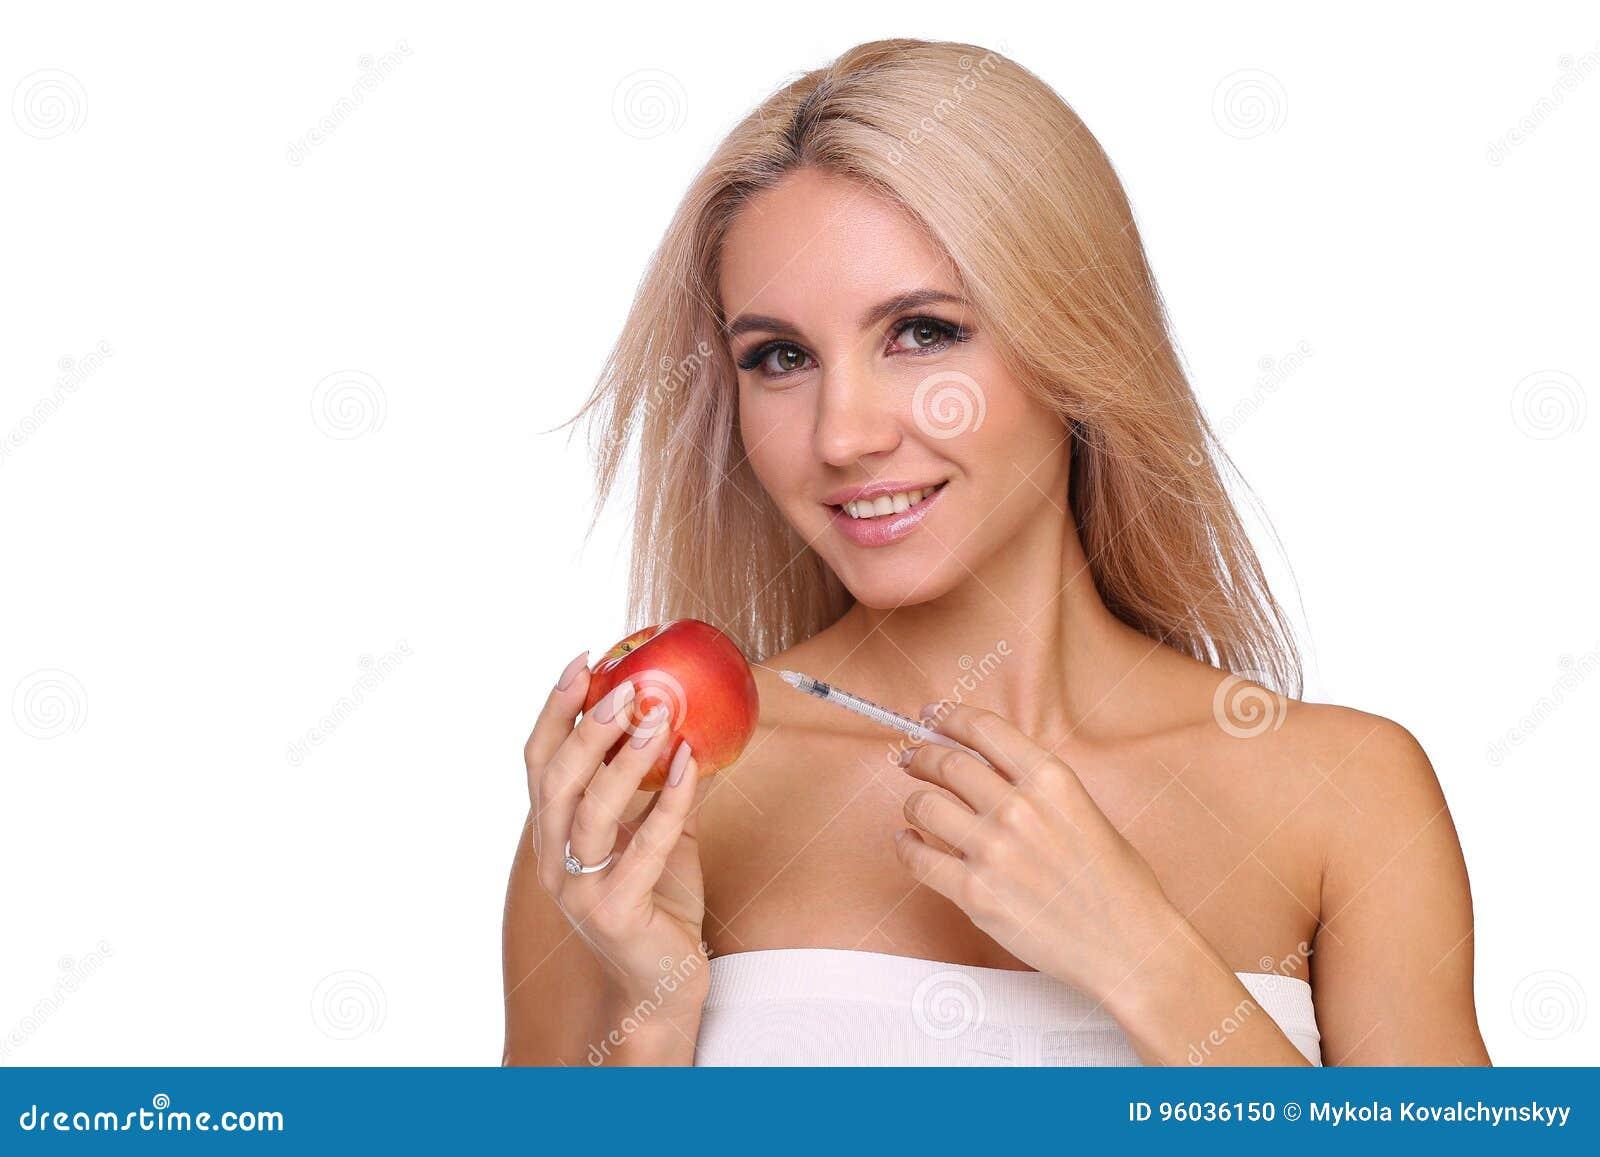 Piękna kobieta z strzykawką czerwona krowiankowa dawka wstrzykuje na jabłku